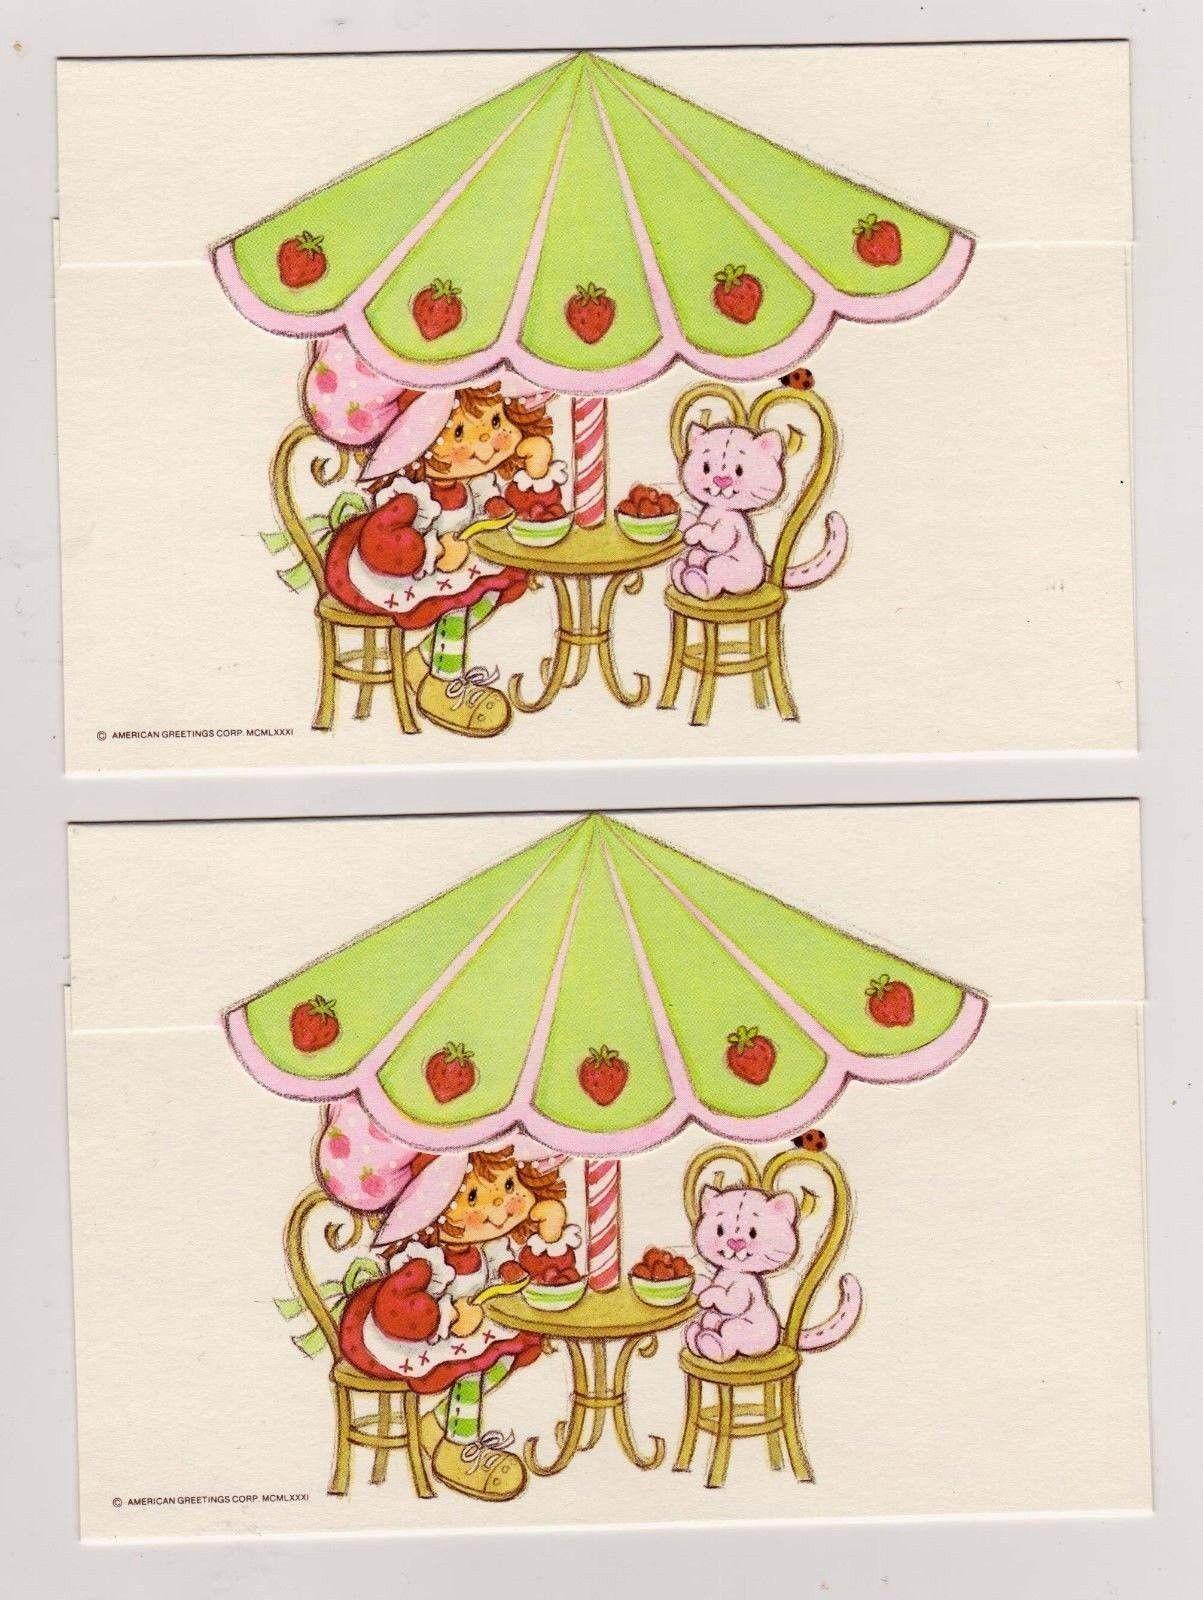 Httpebayitmvtg tcfc strawberry shortcake blank note httpebayitmvtg tcfc m4hsunfo